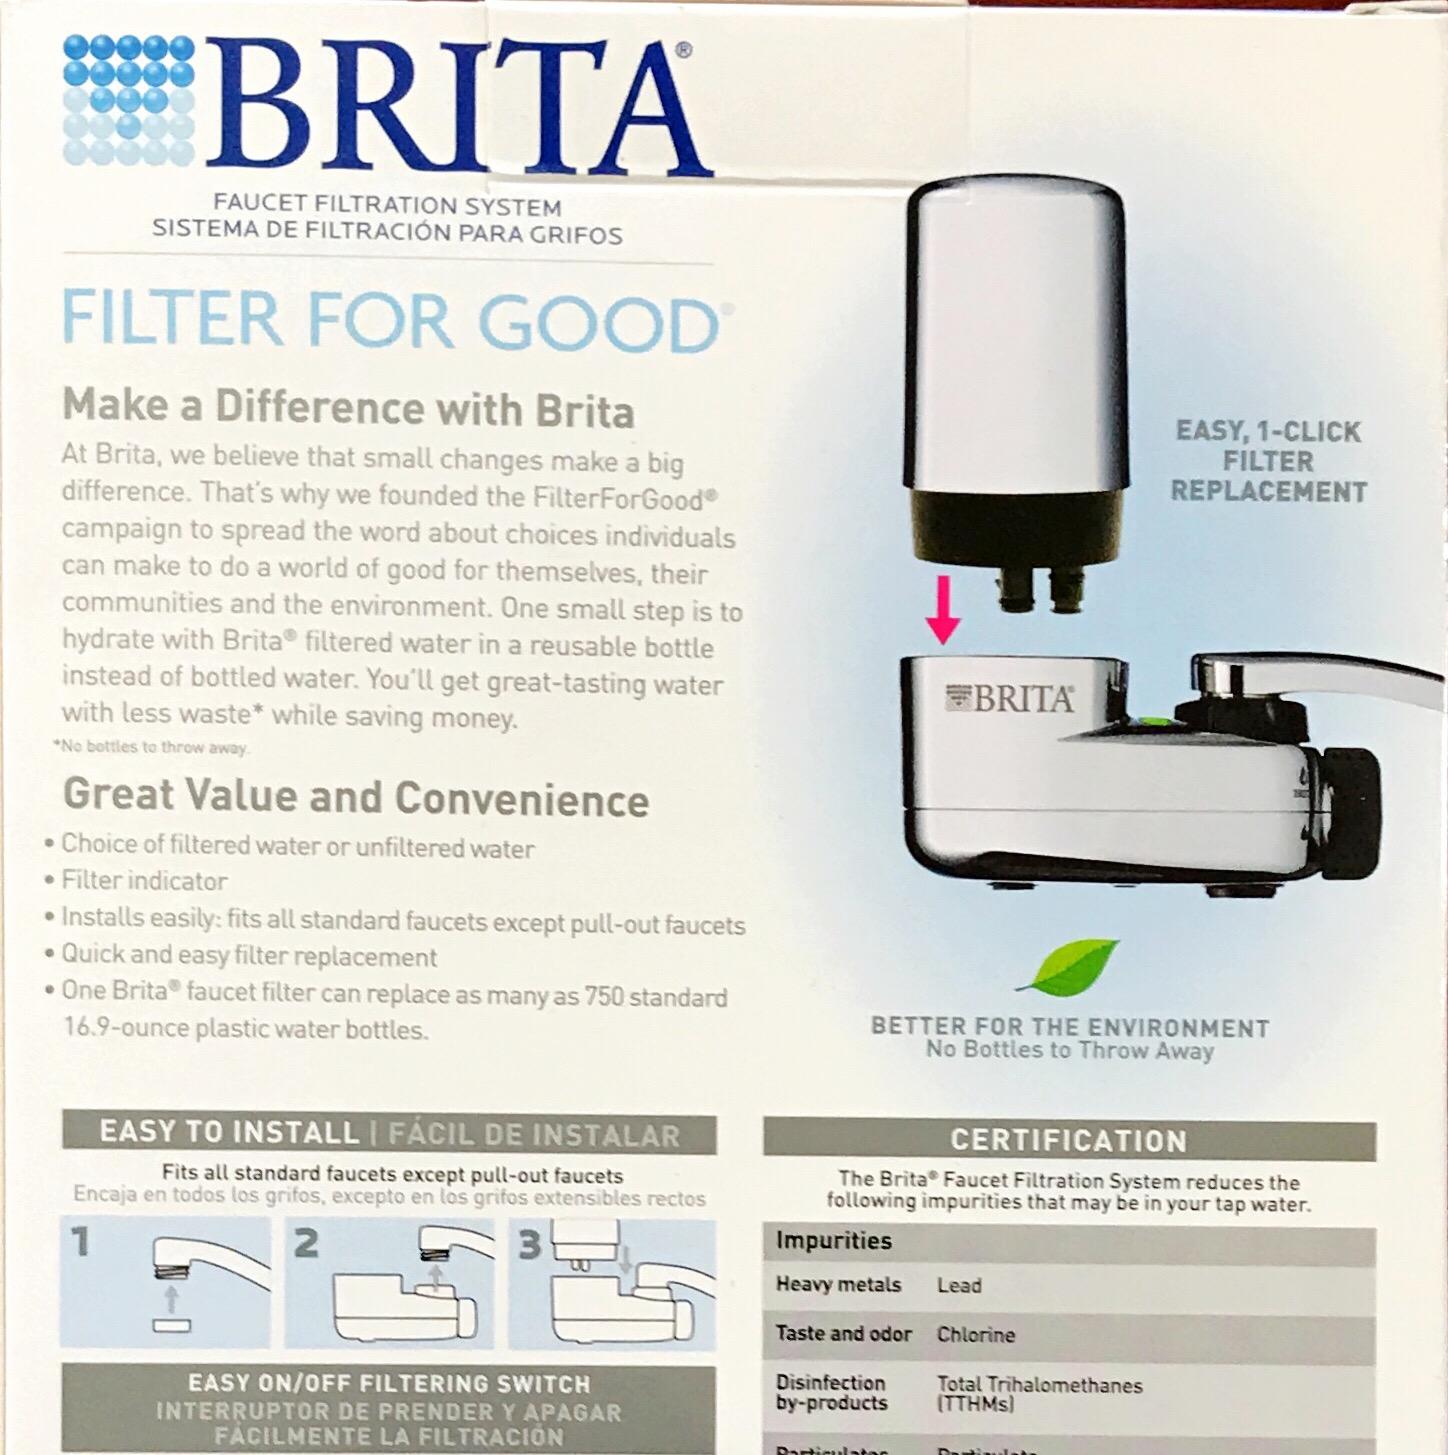 Lọc nước tại vòi Brita hàng nhập khẩu